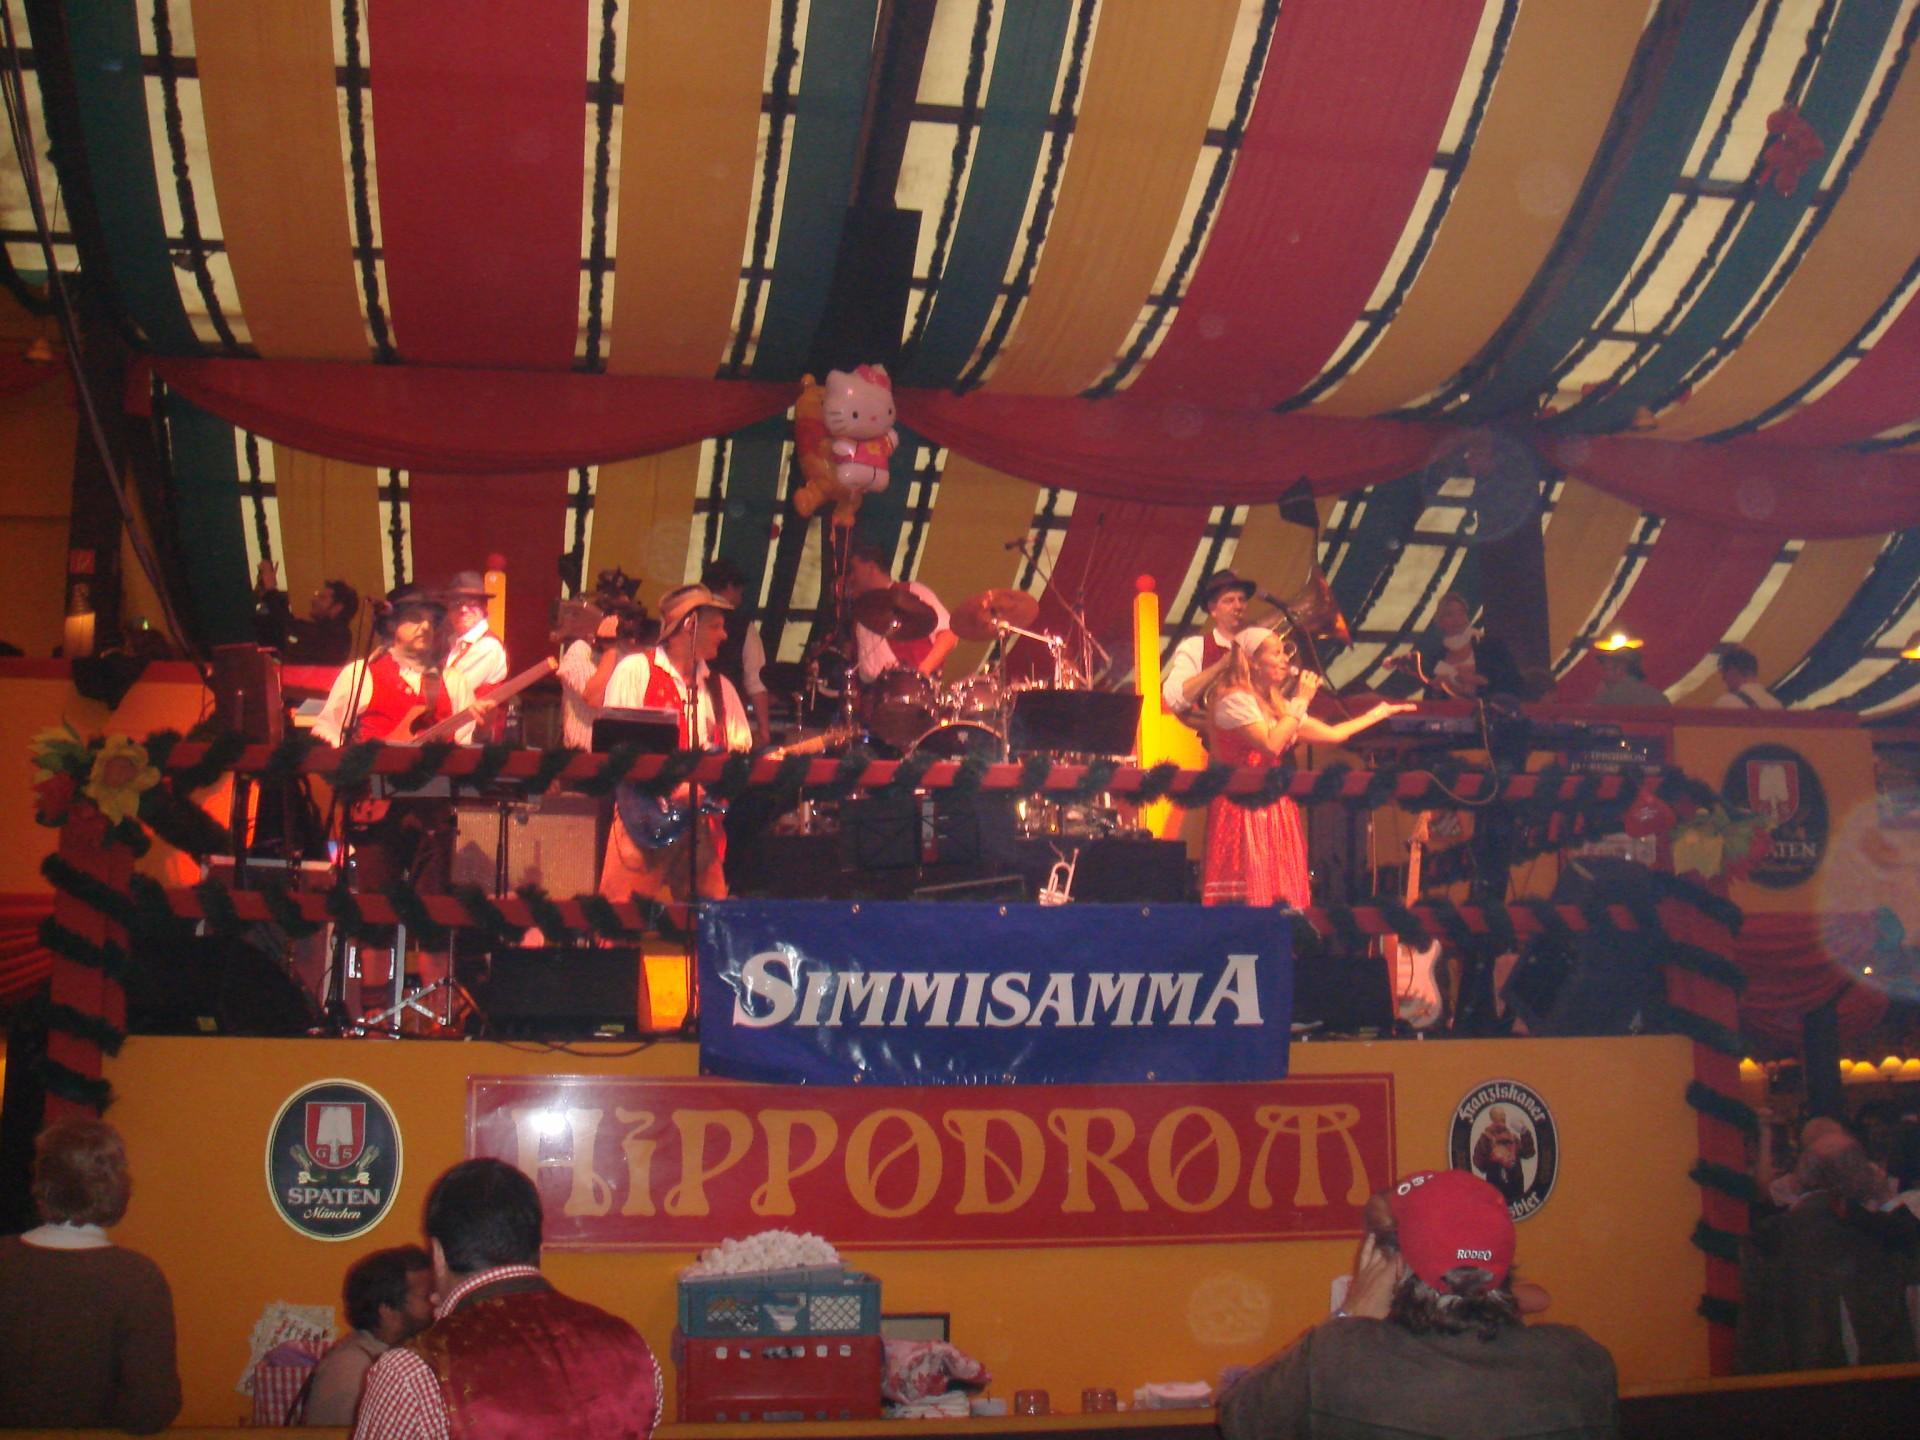 Simmisamma die Oktoberfestband – Konzert Hippodrom Oktoberfest München Deutschland 86